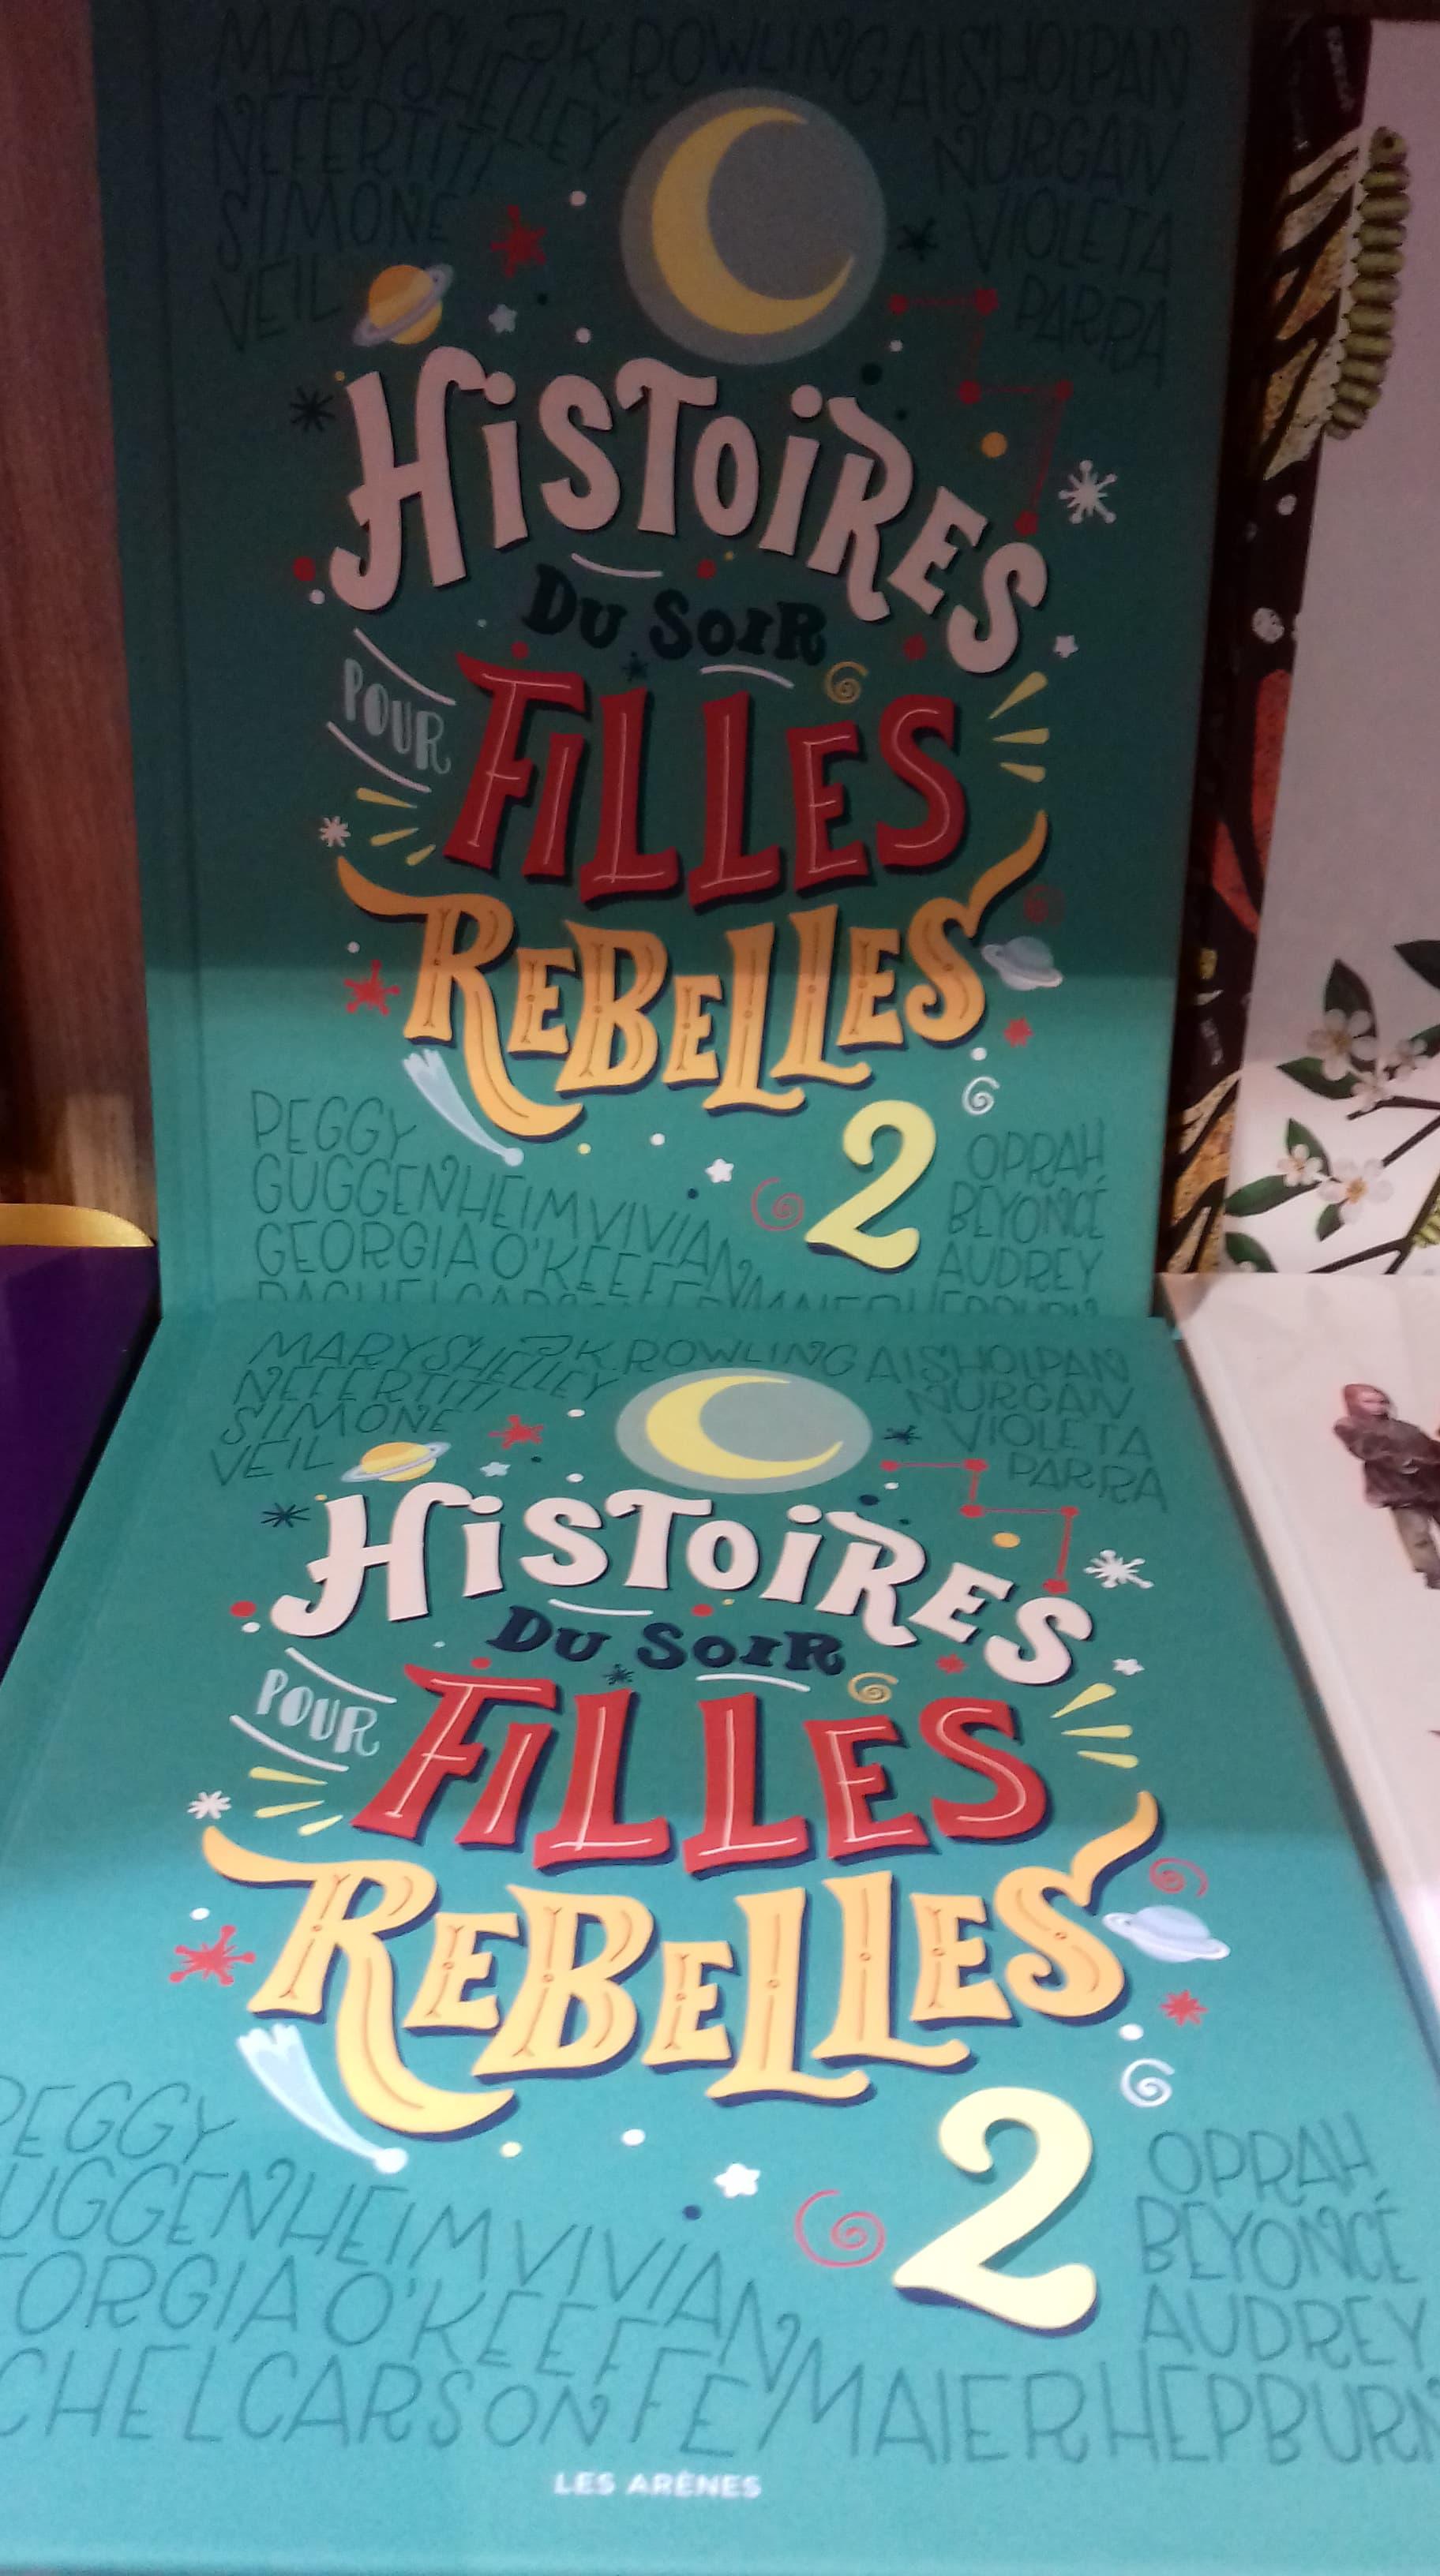 Histoires du soir pour filles rebelles - volume 2 - Editions Les Arènes - 19,90€